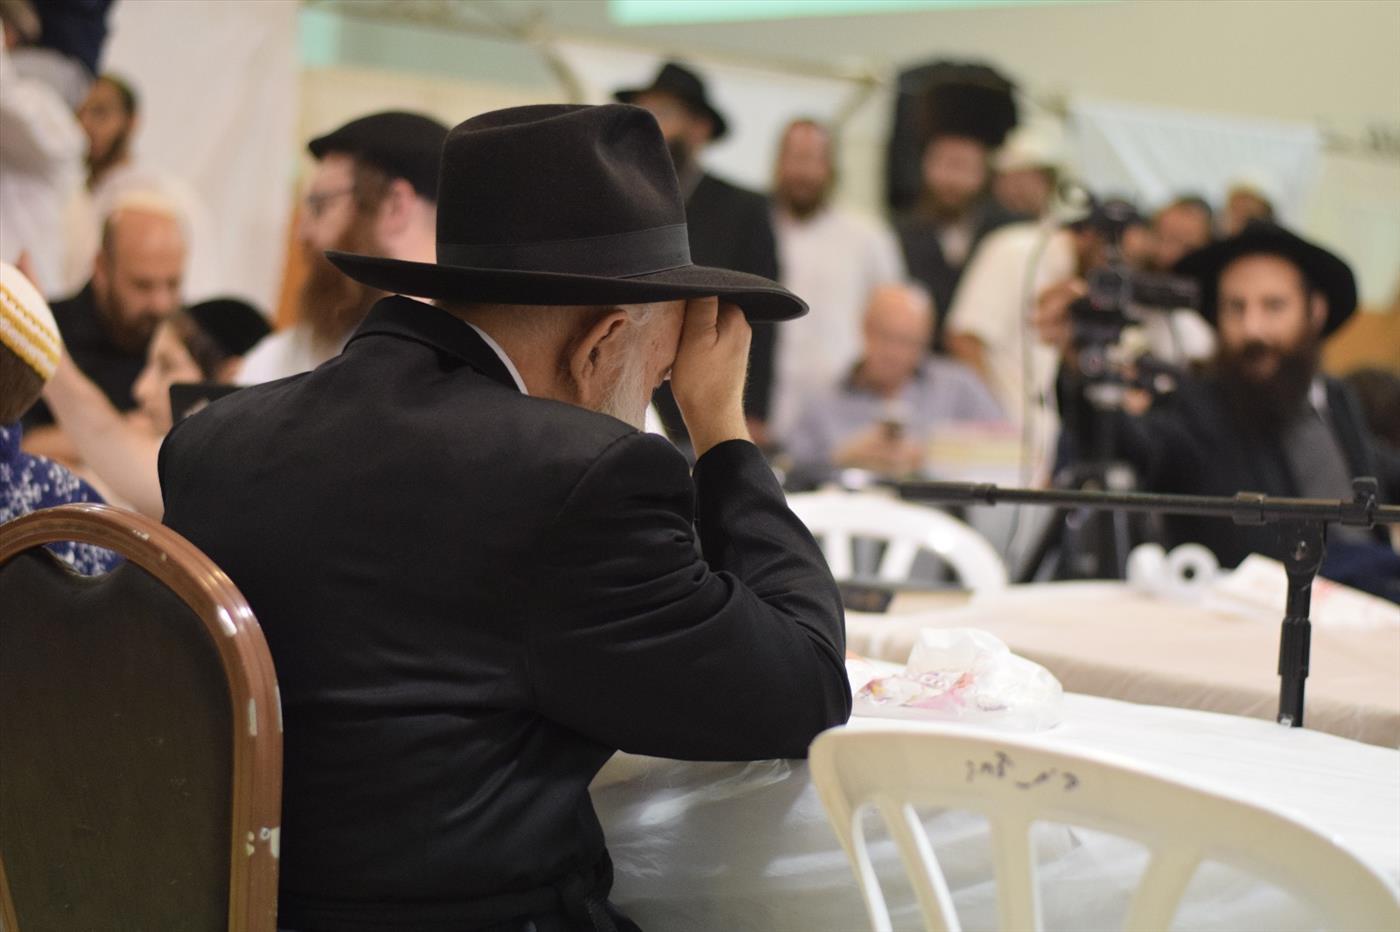 הרב יצחק גינזבורג בשמחת בית השואבה בישיבת עוד יוסף חי ביצהר. צילום: אברהם שפירא